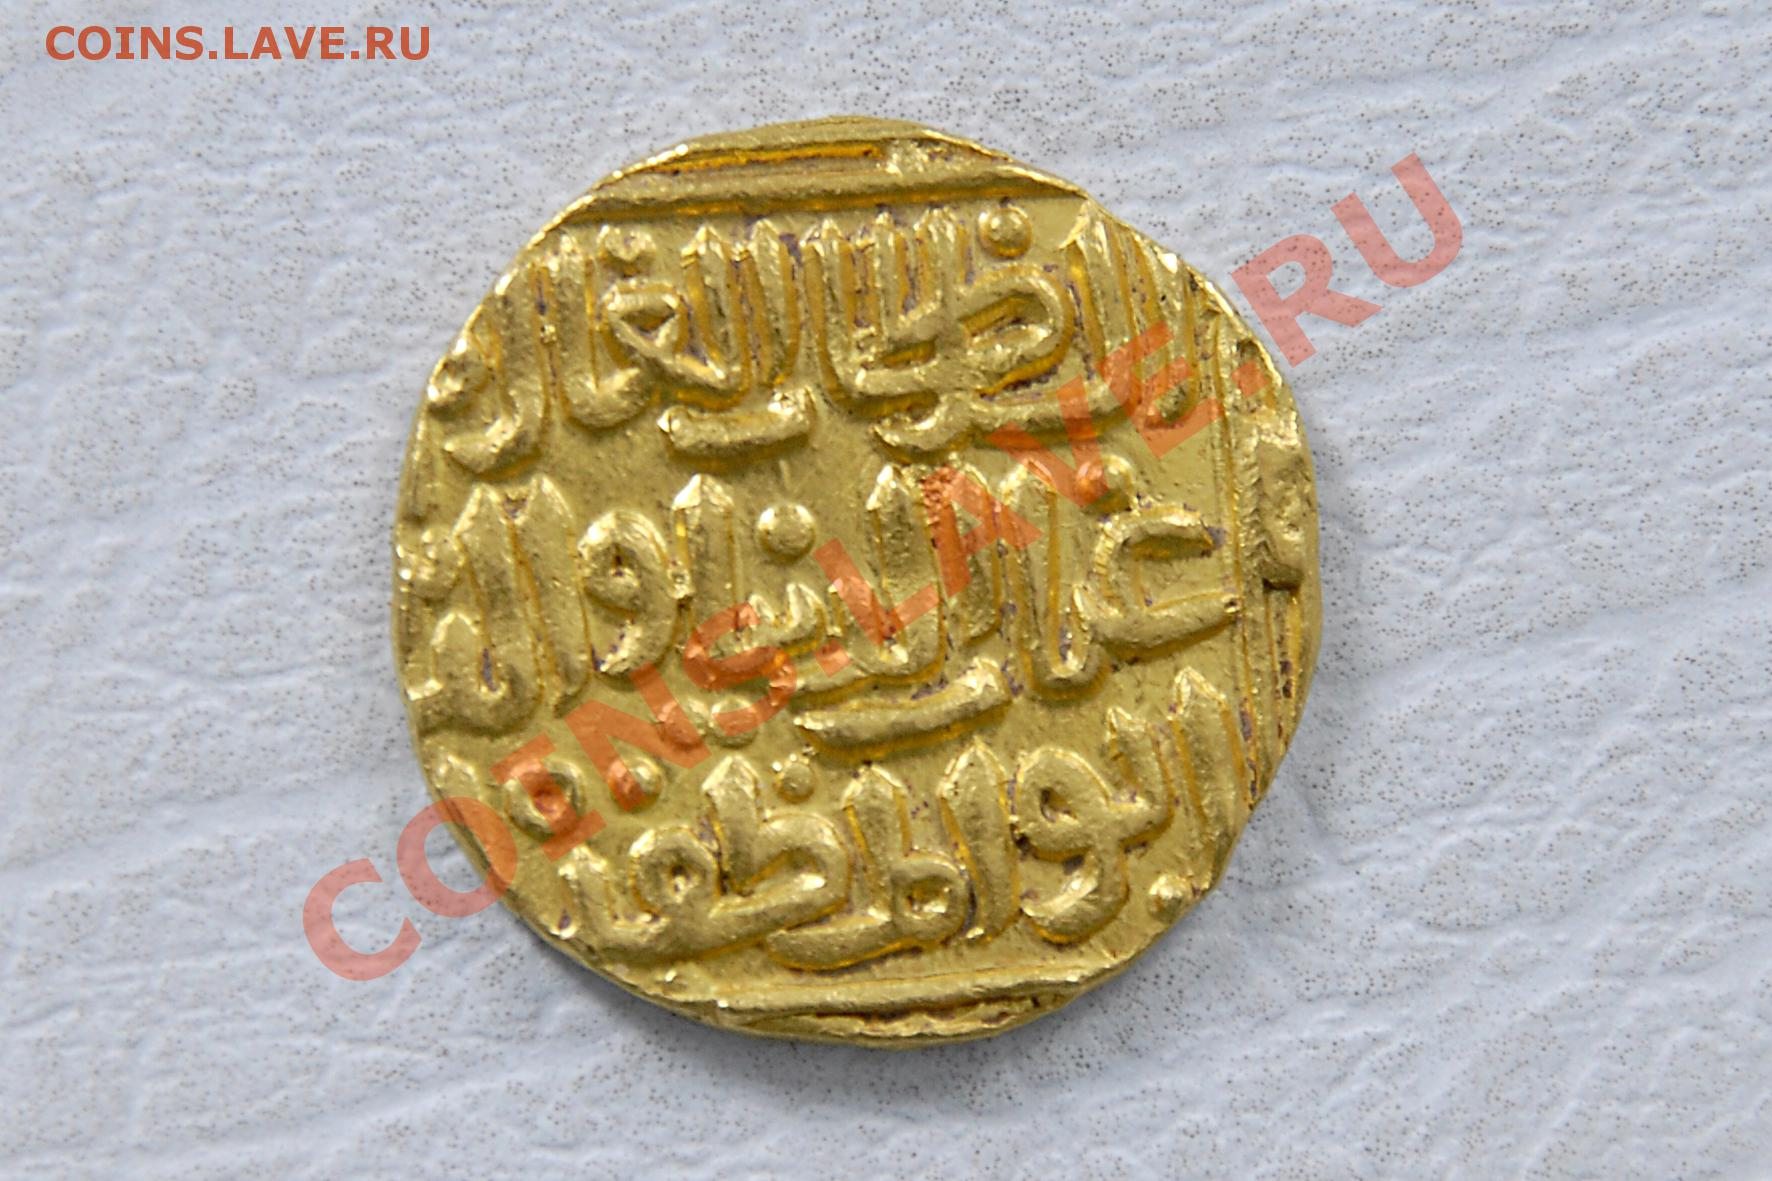 Арабская монета - монеты россии и ссср.